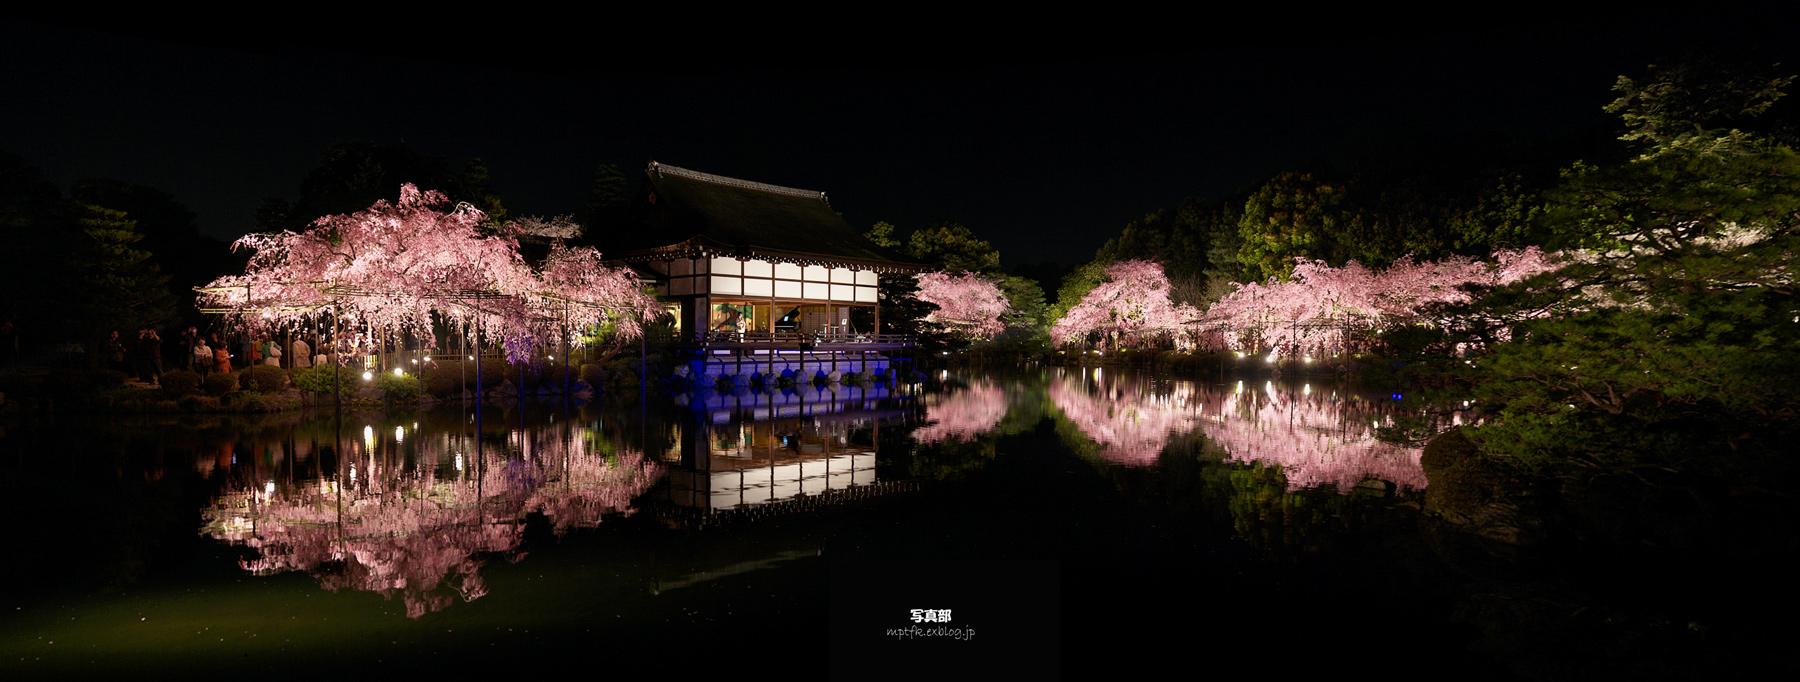 平安神宮 夜桜 6_f0021869_2215158.jpg